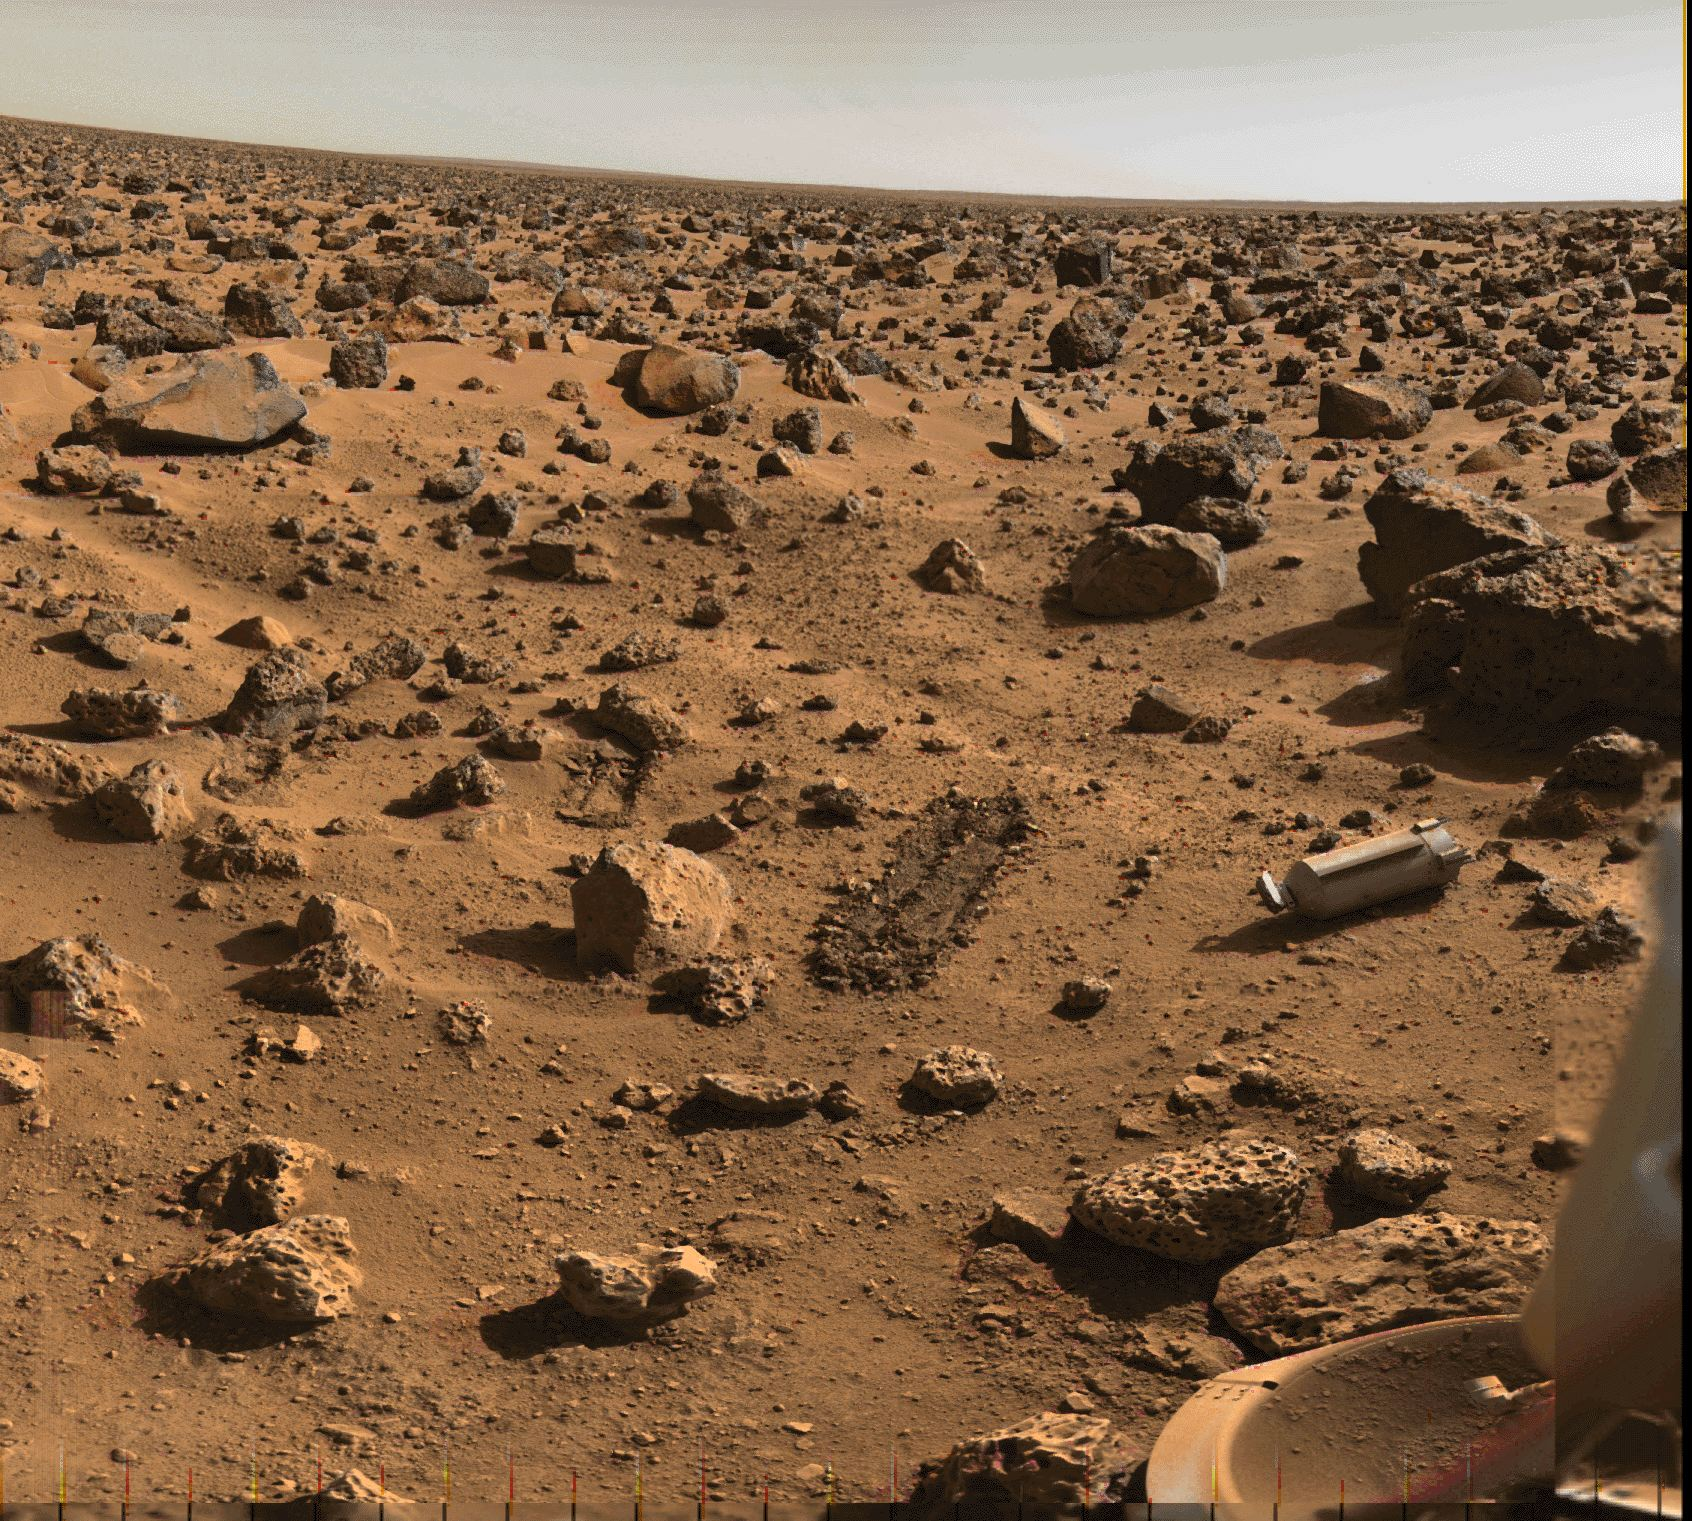 火星 ê 烏托邦平原 ft. 阿錕 (20210521)